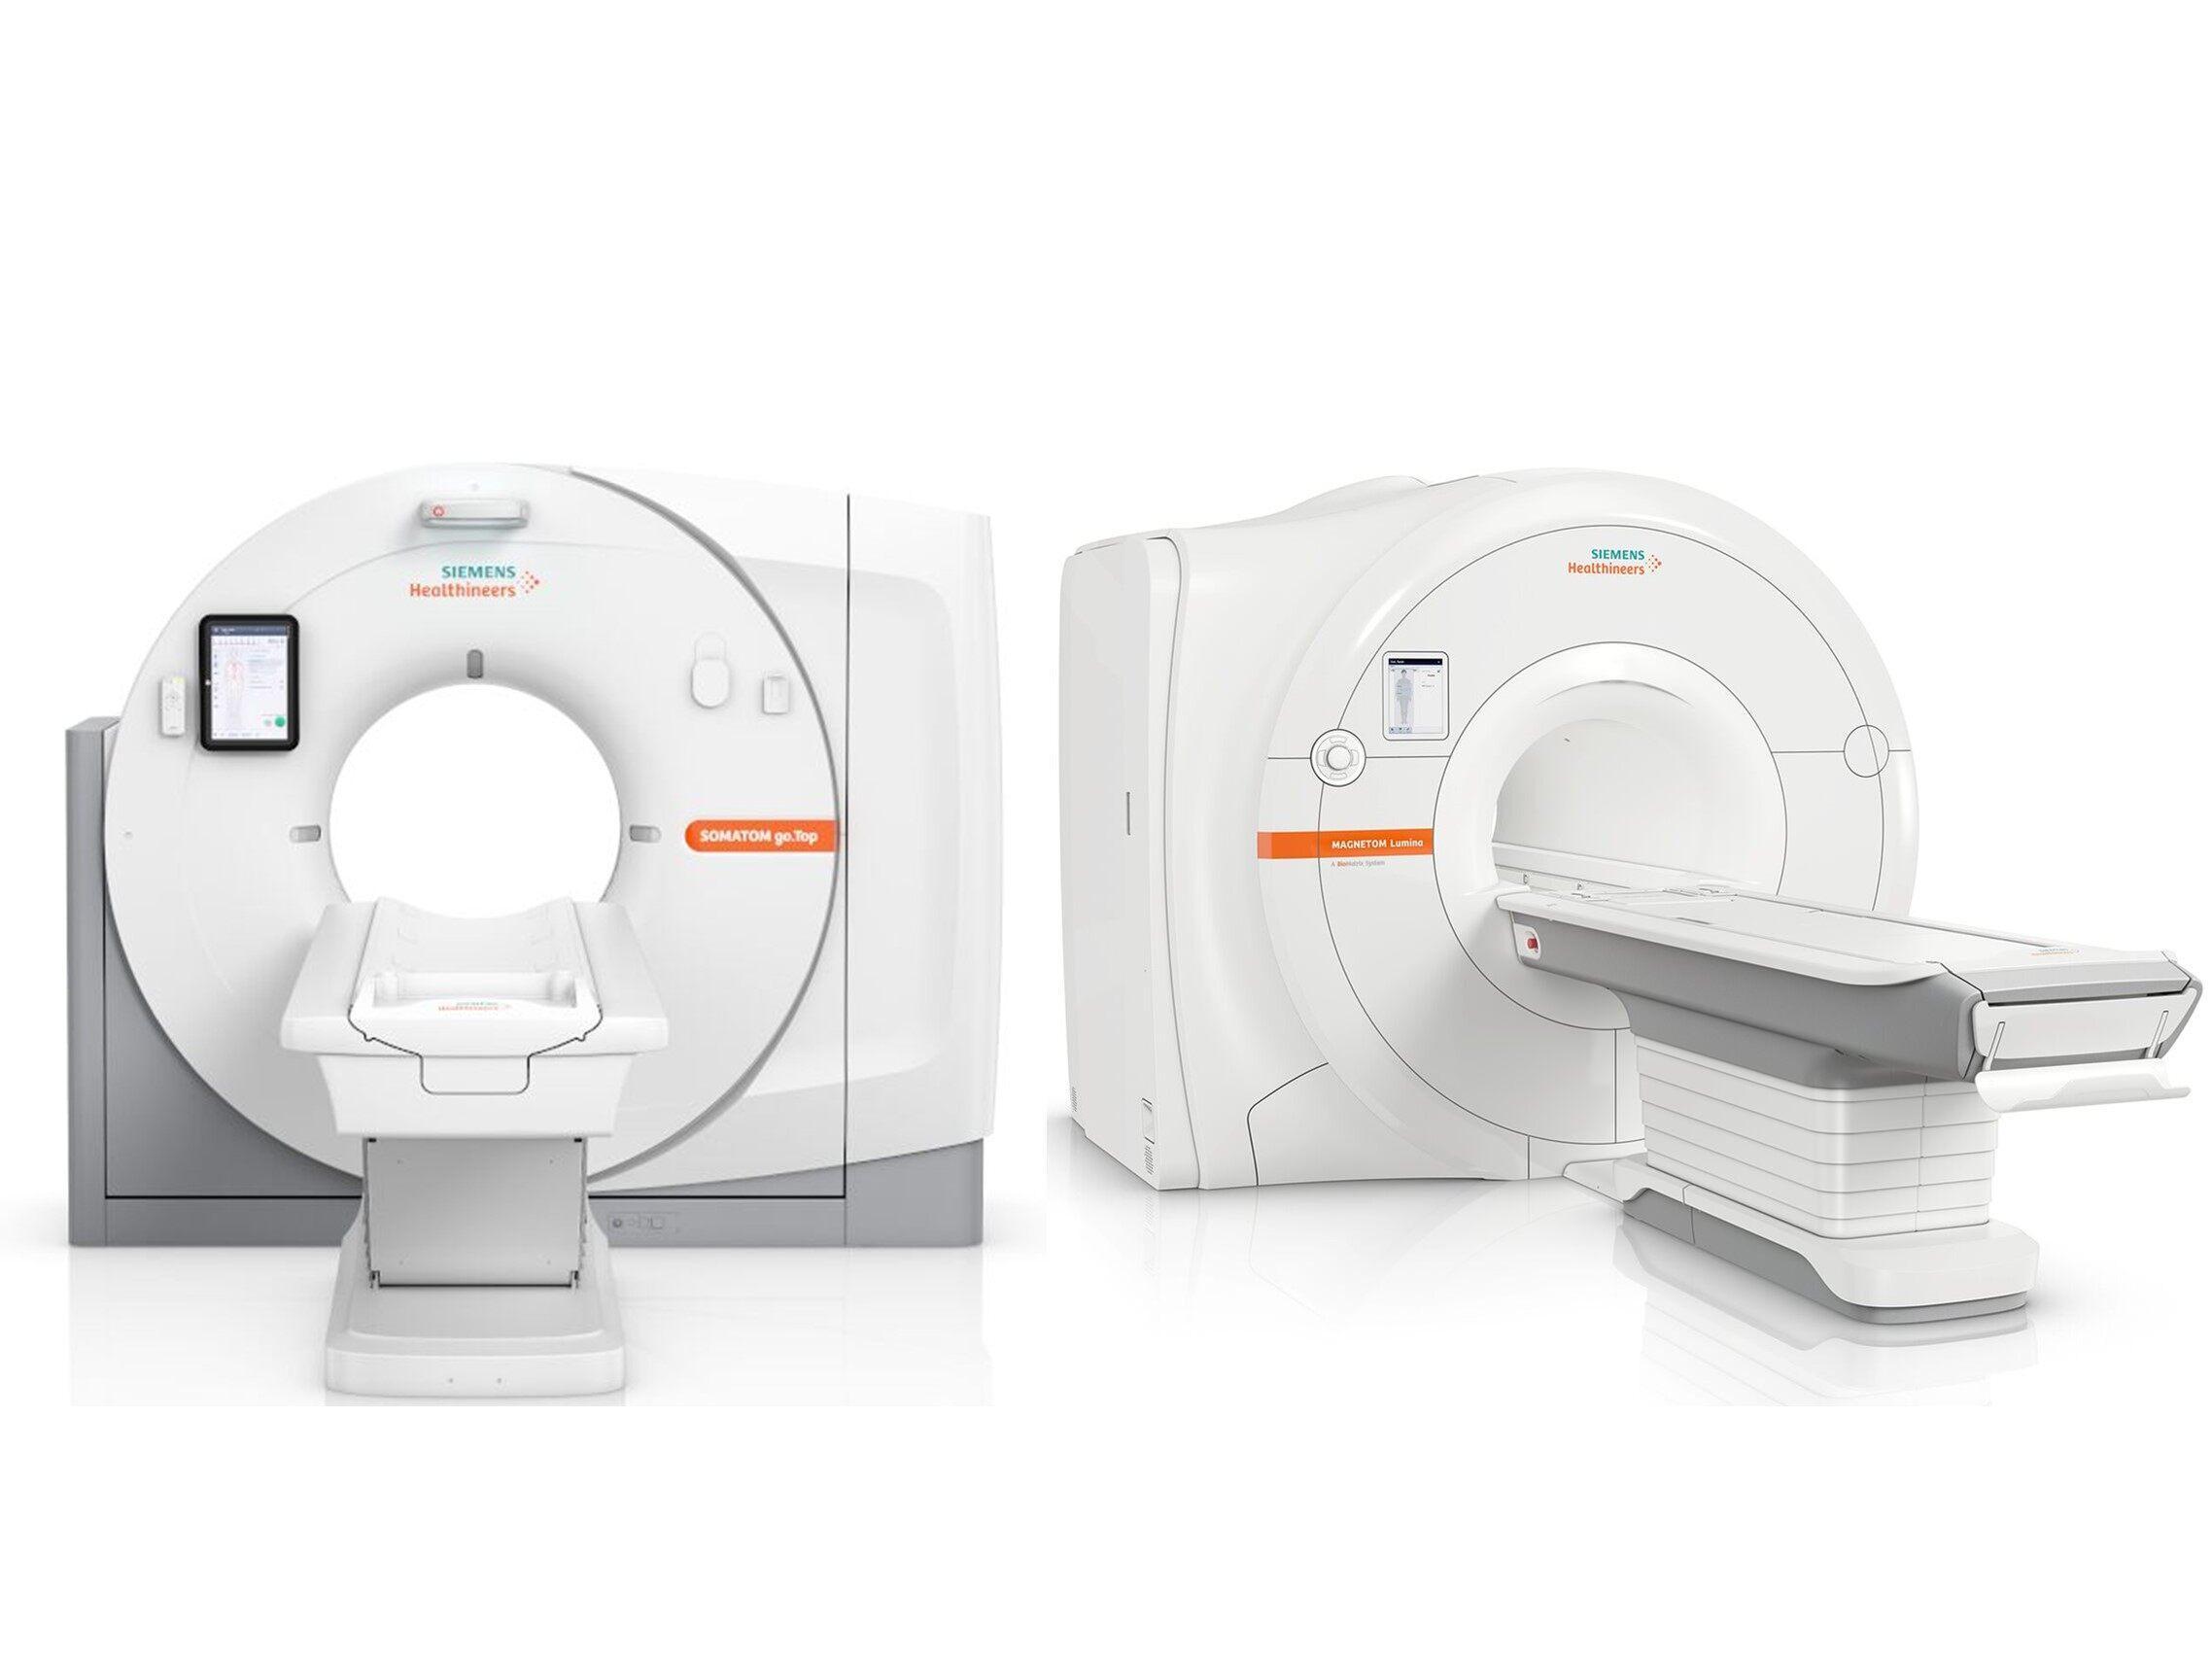 지멘스 헬시니어스, 스마일영상의학과의원에 첨단 CT 및 MRI 공급으로더욱 안전하고 효율적인 영상진단 지원